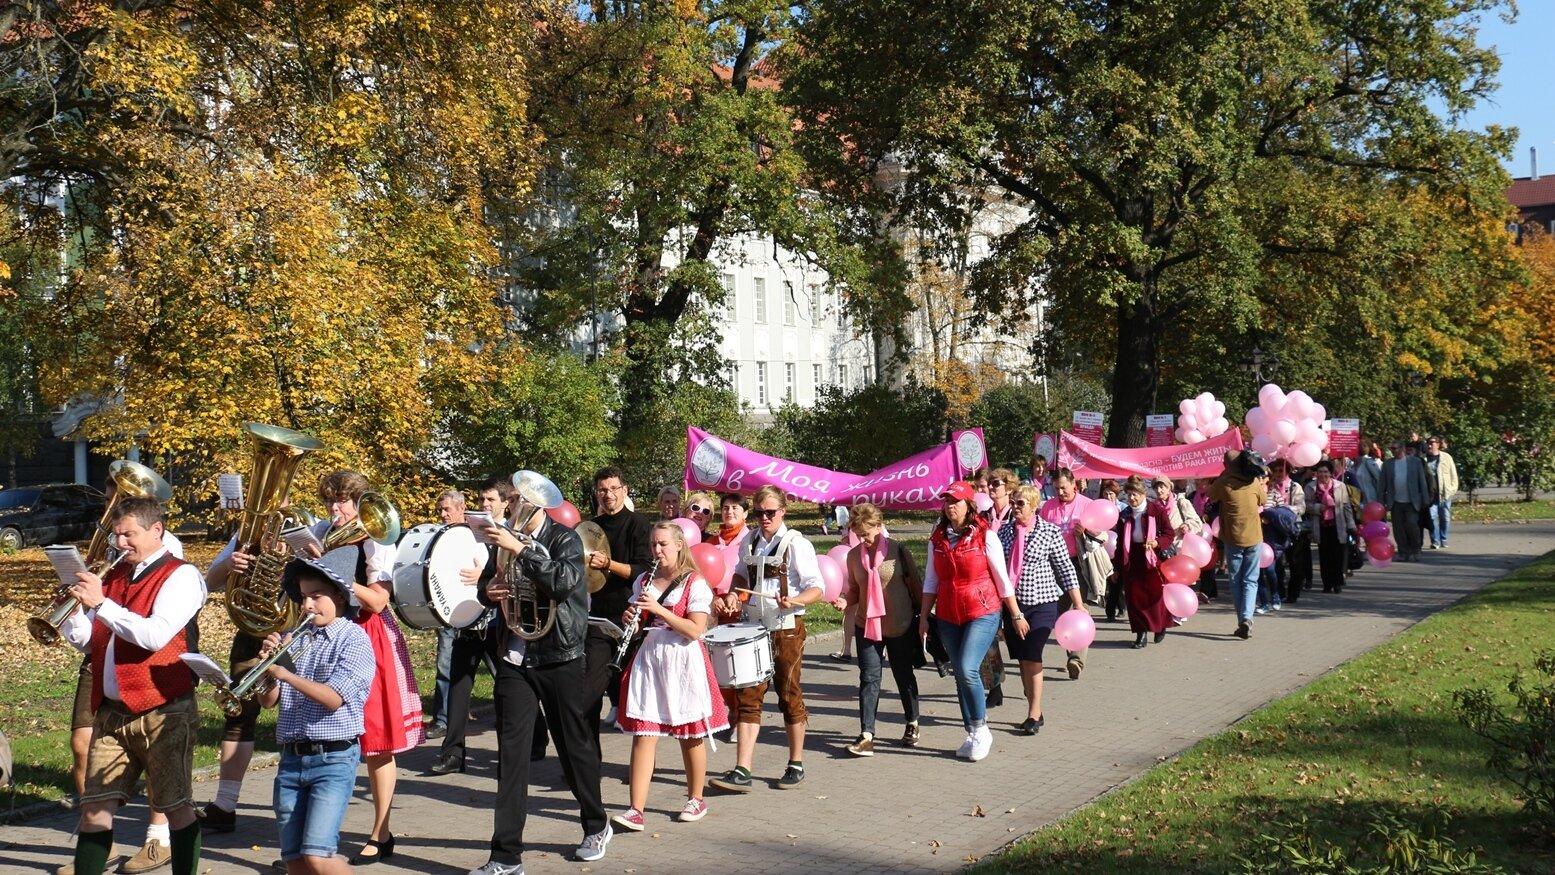 Участники марша против рака прошли по улицам Калининграда в сопровождении оркестра